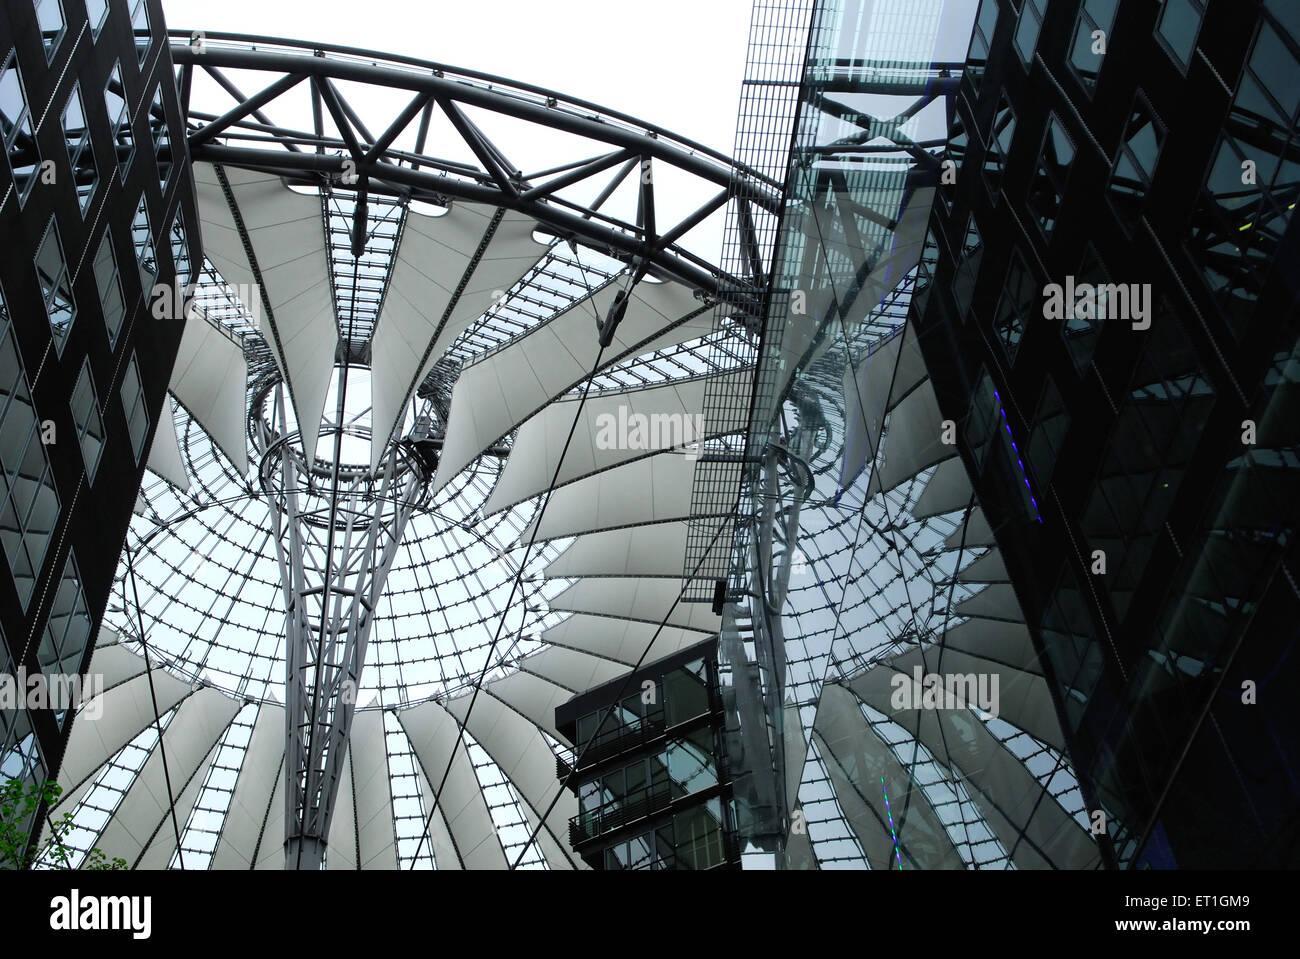 Architettura fatta di vetro e ferro ; Berlin ; Germania Immagini Stock